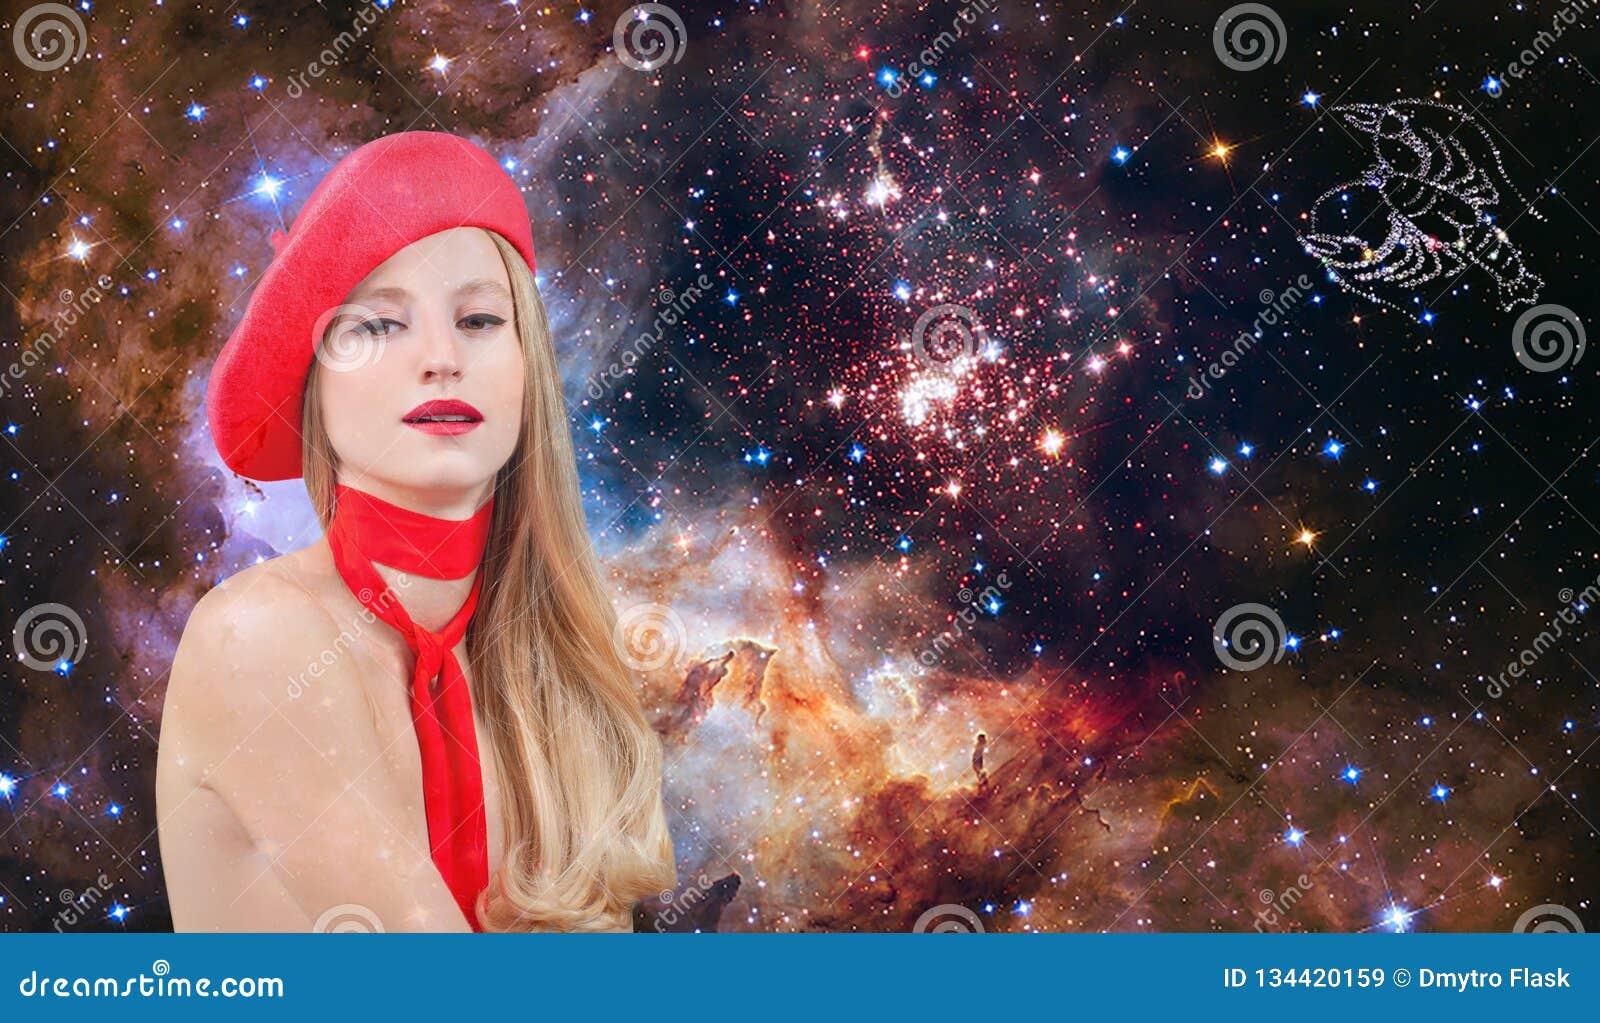 Segno dello zodiaco del Cancro Astrologia e oroscopo, bello Cancro della donna sui precedenti della galassia